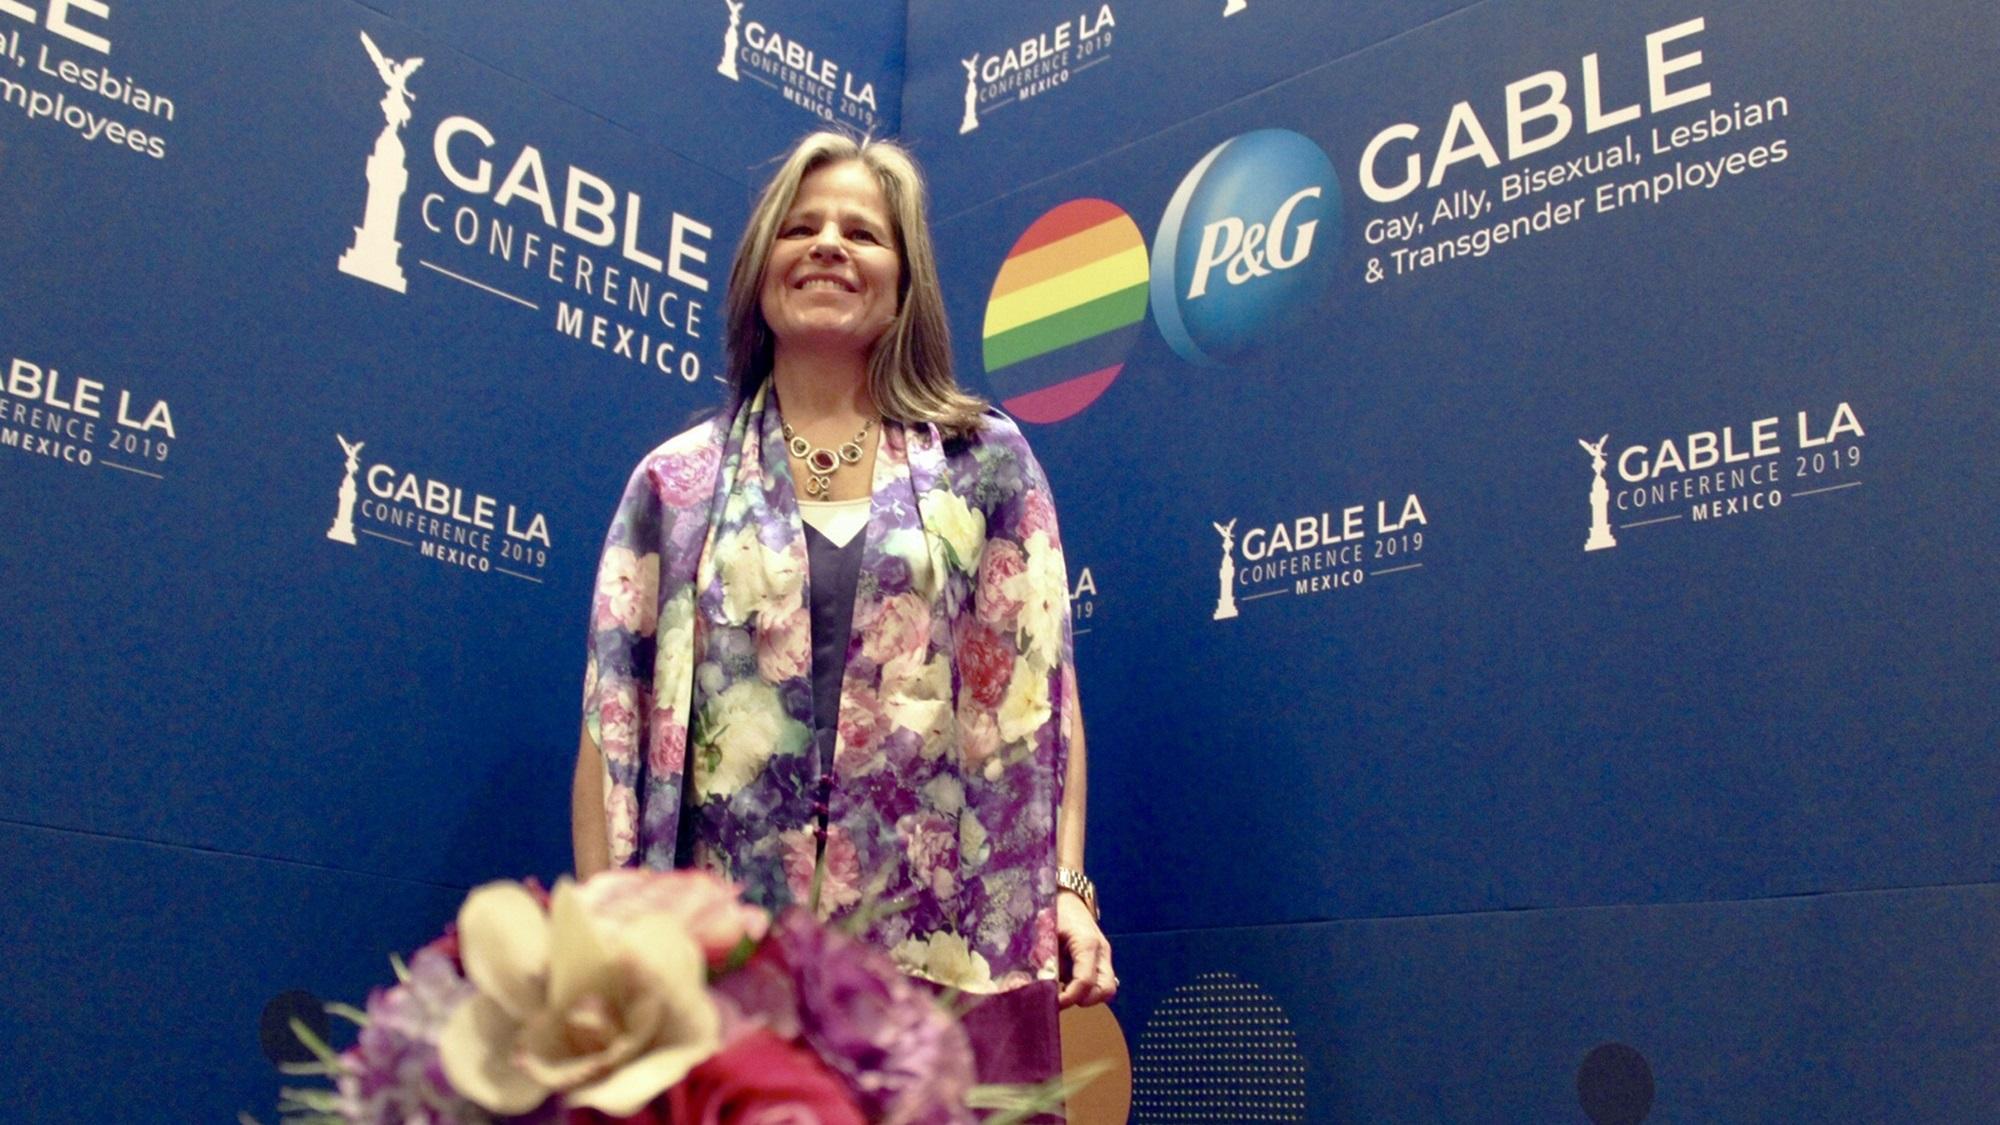 Así impulsa P&Gla inclusión laboral de la comunidad LGBT